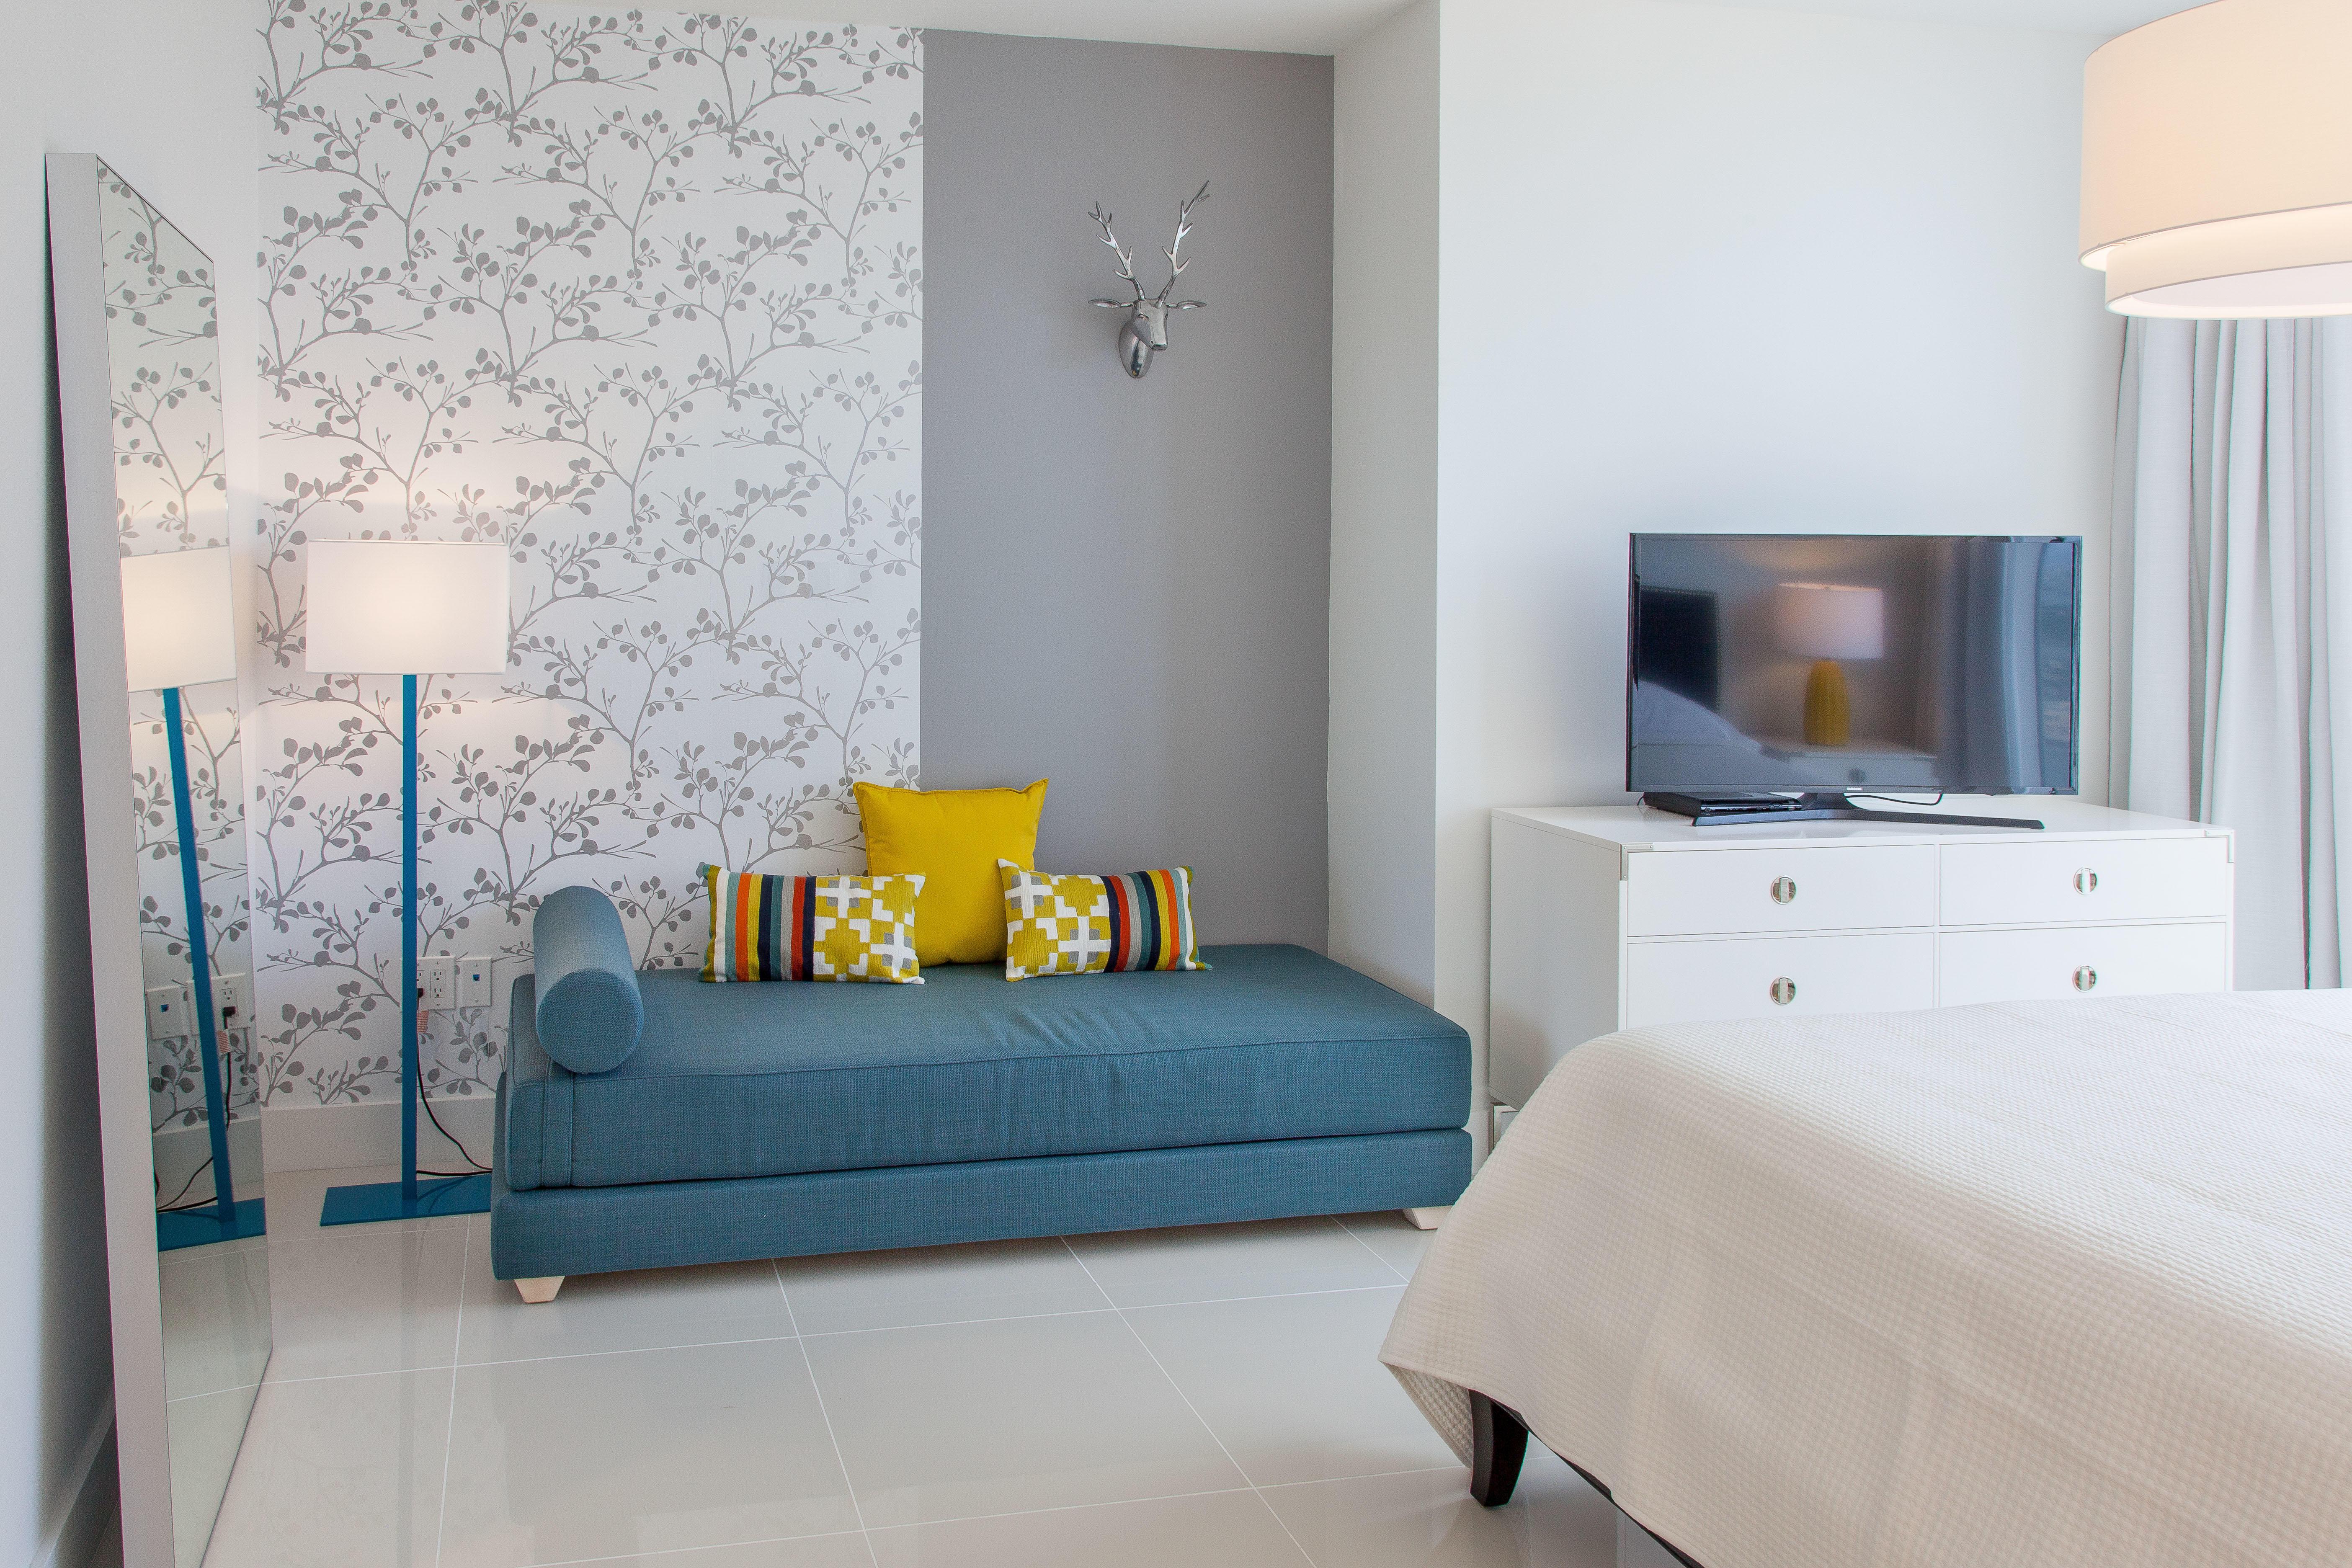 Miami Vacation Rentals - Brickell image 1